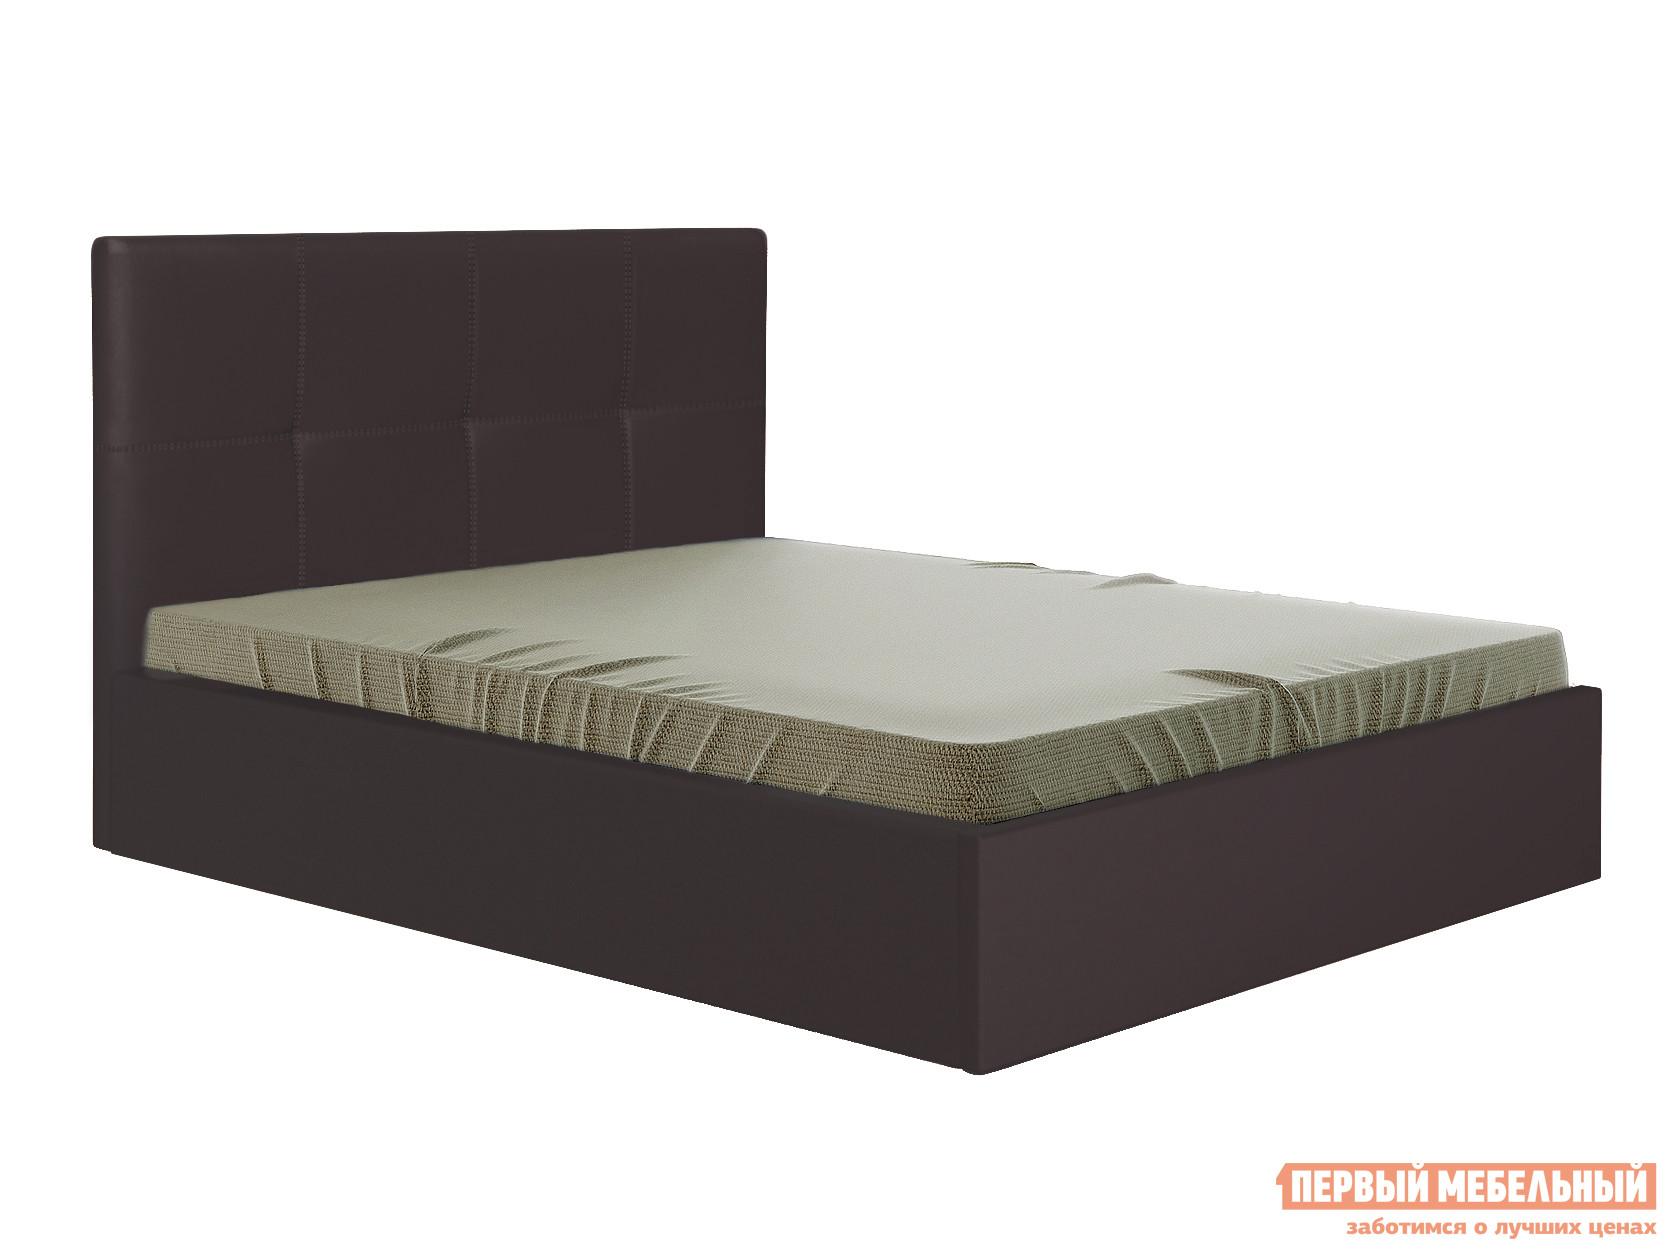 Двуспальная кровать  Верда Коричневый, экокожа , 140х200 см